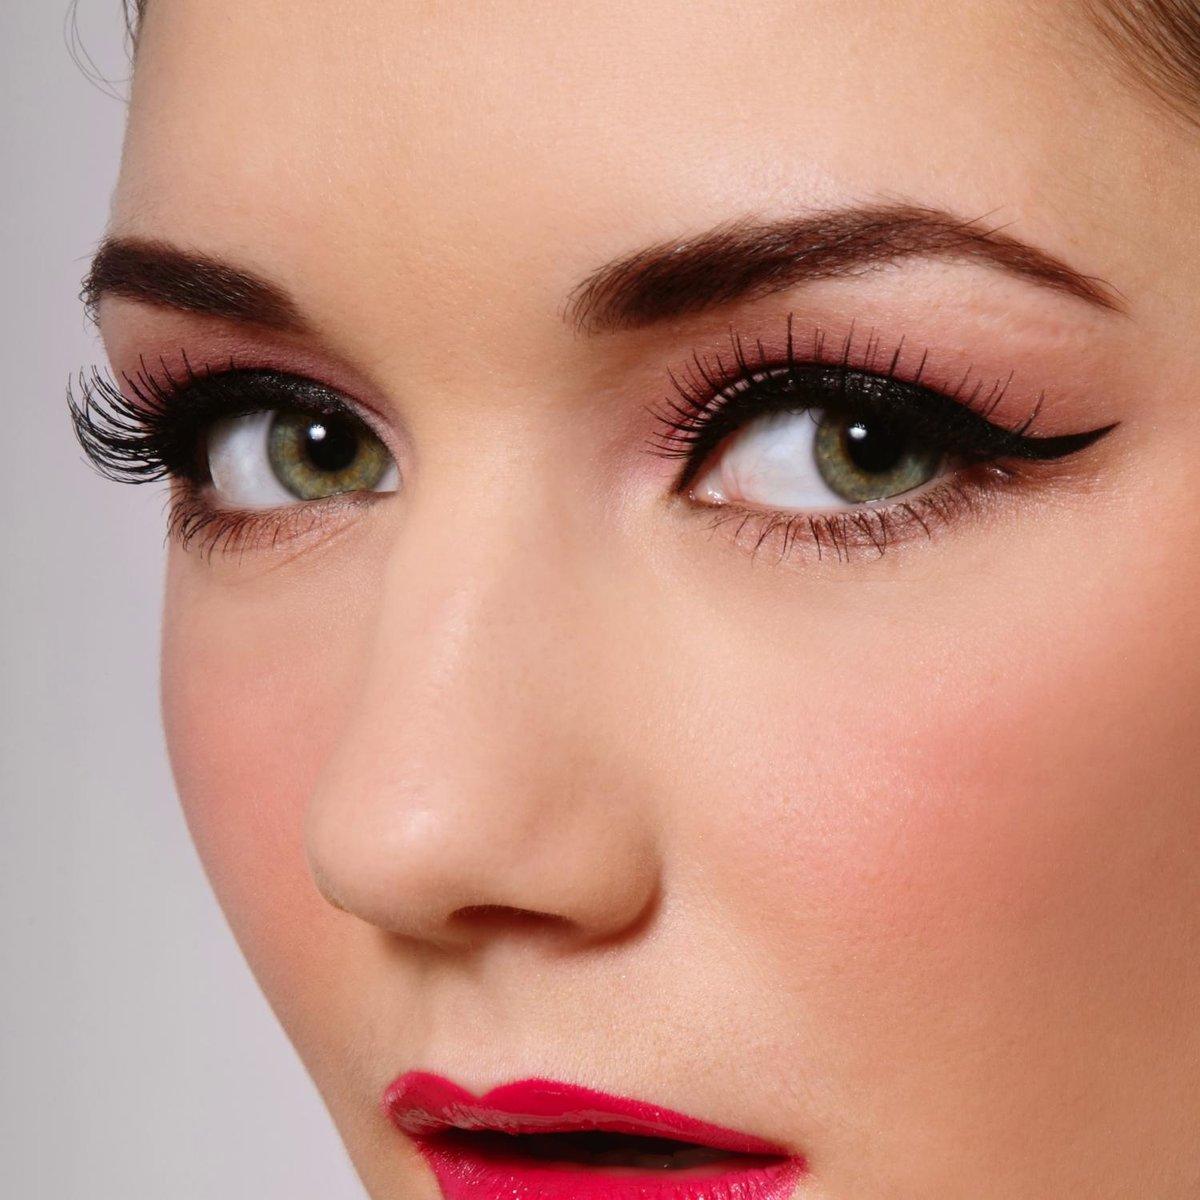 редкие откровенные макияж с стрелками красивый картинки этом все